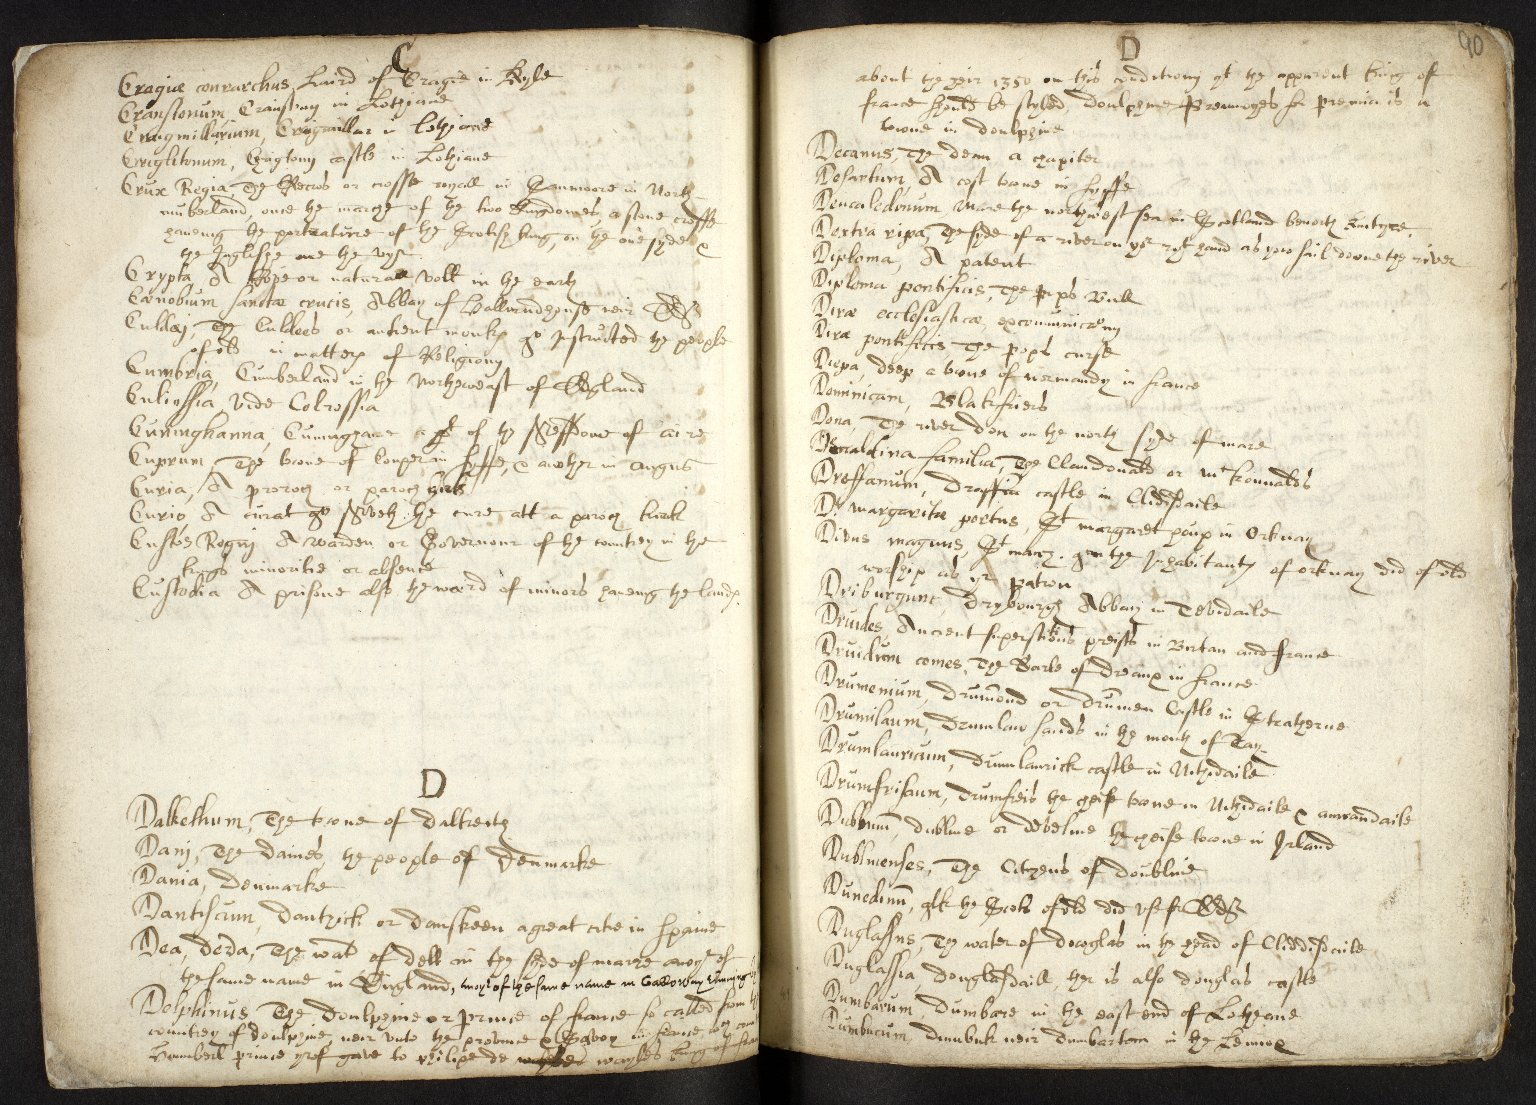 Nomenclator Geographicus ad historiam Buchanan cum interpretatione aliarum etiam vocum difficiliorum [06 of 16]